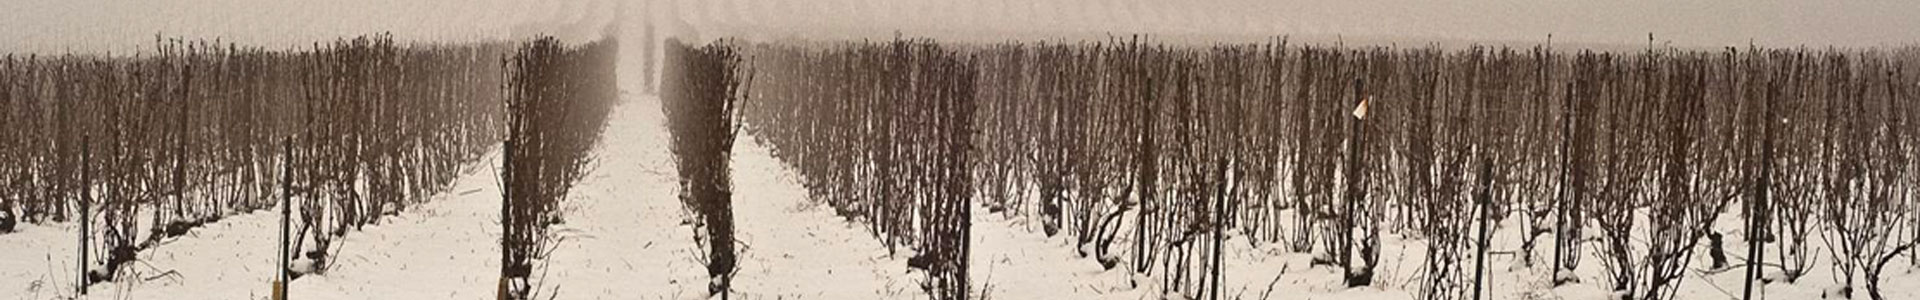 bannière vigne avec sol enneigé